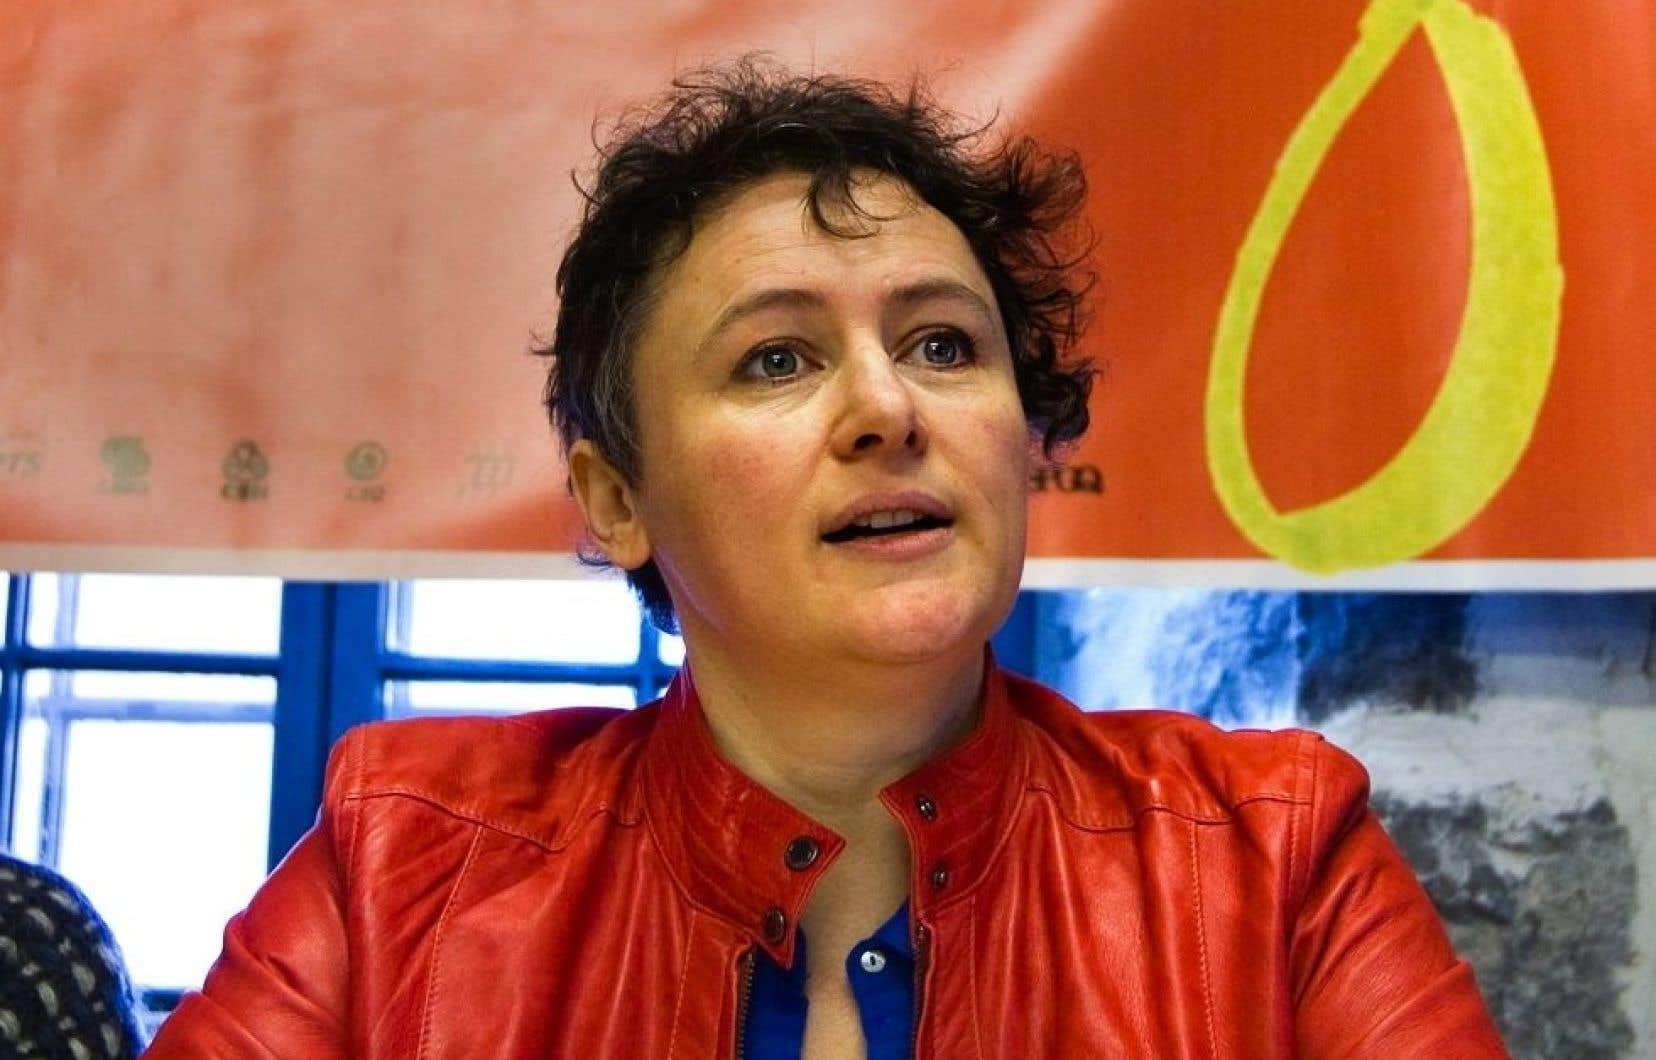 Selon la présidente de la Fédération des femmes du Québec, Alexa Conradi, l'égalité n'est pas une réalité pour toutes les femmes dans la province, malgré les avancées réalisées au cours des 40 dernières années.